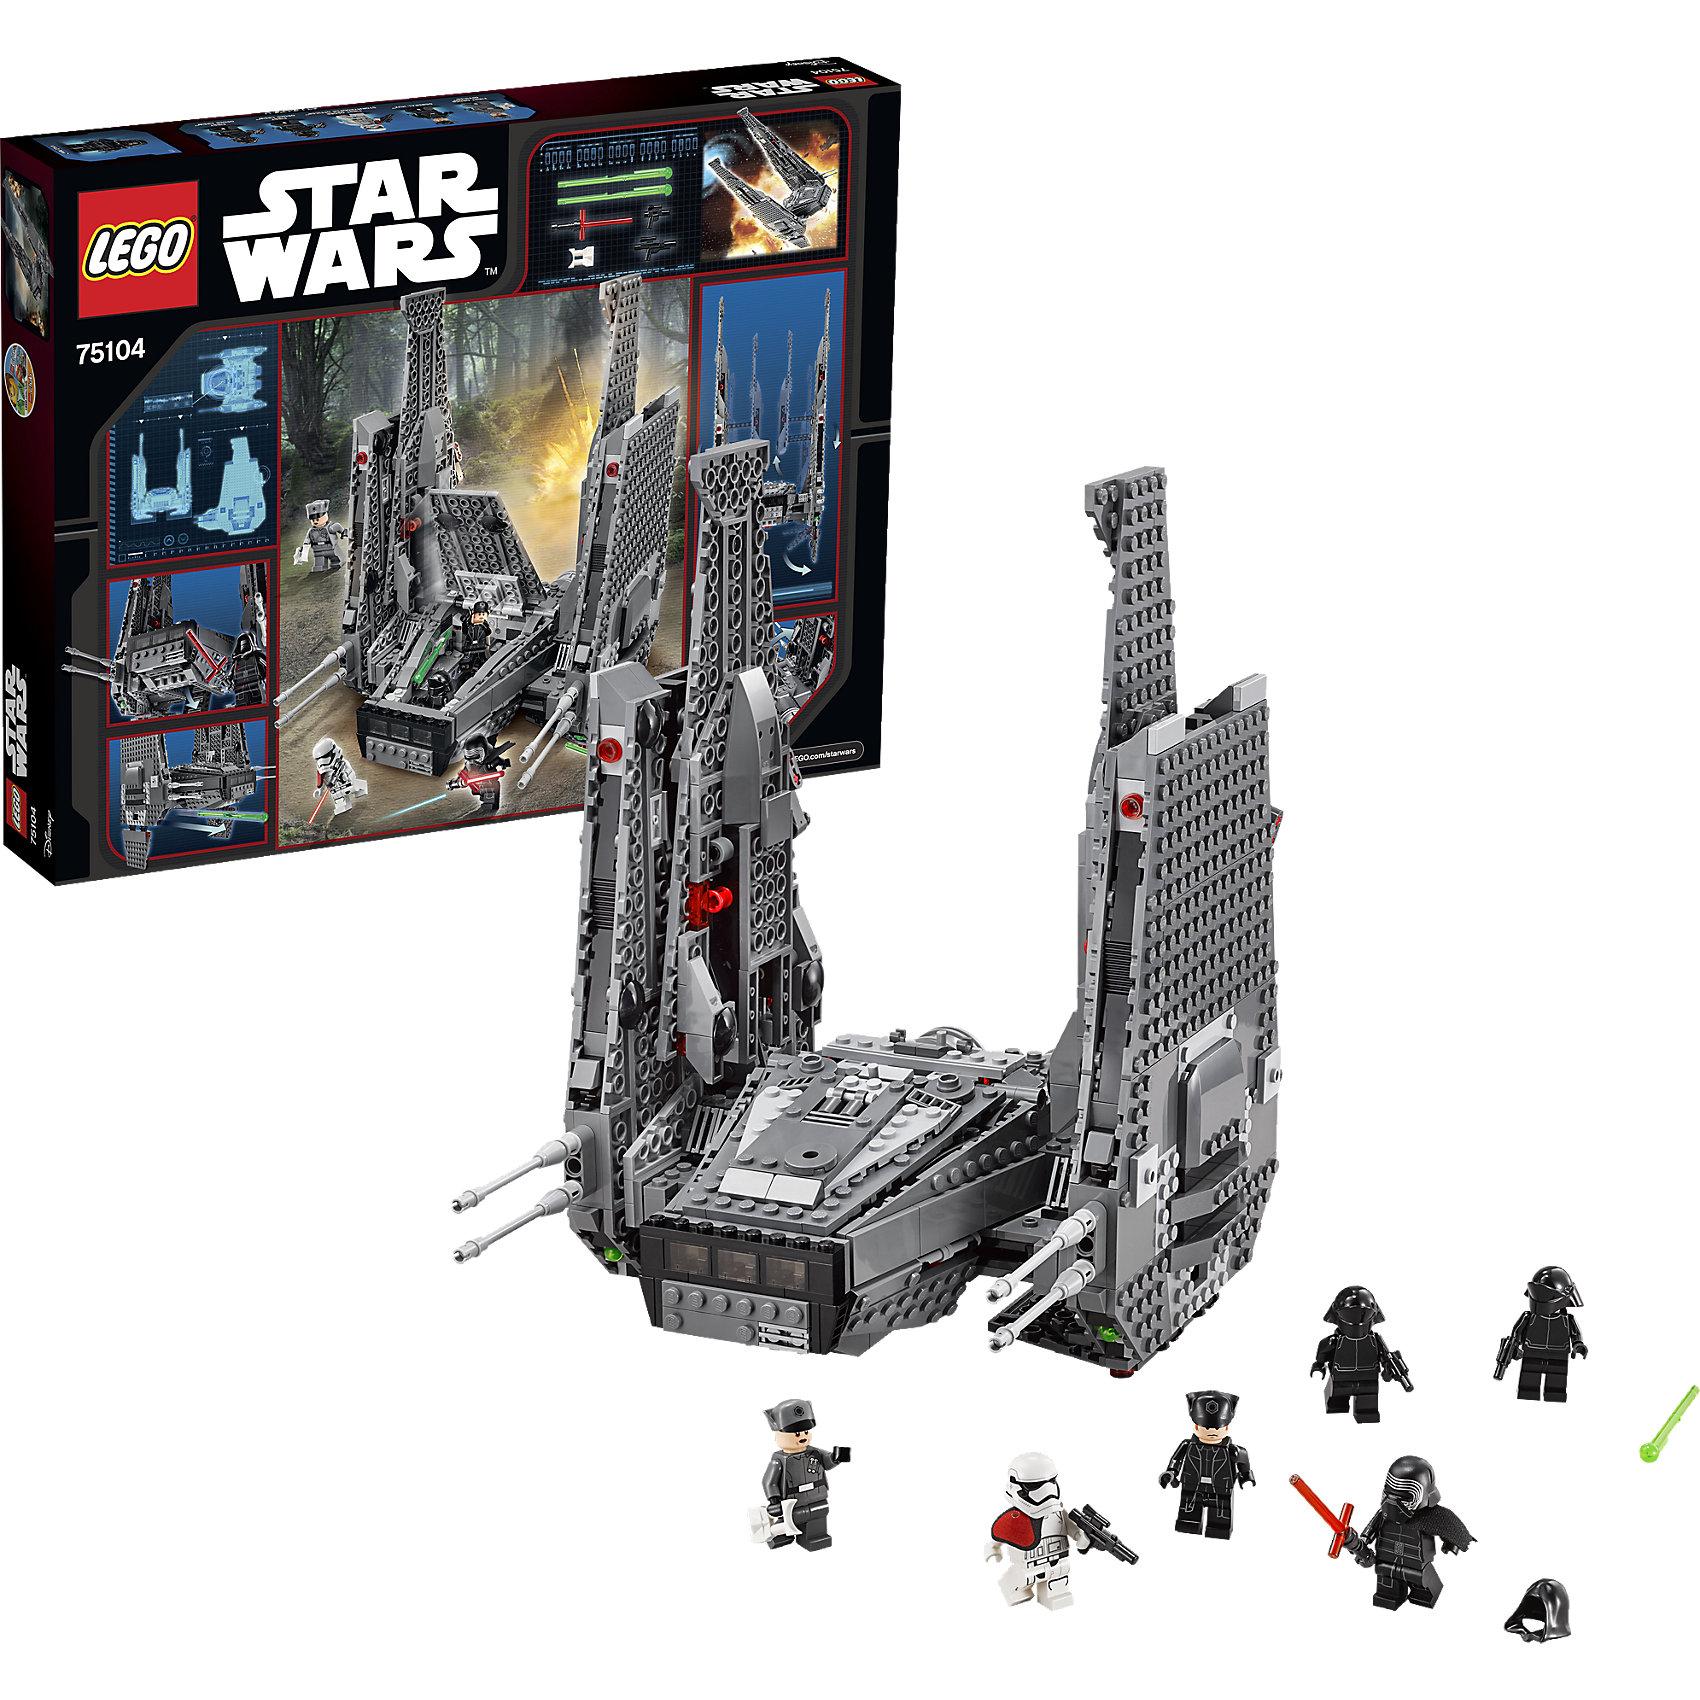 LEGO Star Wars 75104: Командный шаттл Кайло РенаПластмассовые конструкторы<br>LEGO Star Wars (ЛЕГО Звездные Войны) 75104: Командный шаттл Кайло Рена – это фантастический звездный корабль с тщательно продуманными деталями, который имеет невероятное количество характеристик, включающих в себя открывающуюся переднюю часть, нижний и задний отсеки-хранилища, пружинные пушки и отсоединяемые оружейные стойки. А когда будешь готов к новым поворотам боя, активируй функцию выдвижения крыльев! <br><br>Комплектация: 1004 детали, 6 минифигурок: Кайло Рен, генерал Хакс, команда Первого Ордена из 2-х человек, офицер штурмовиков Первого Ордена<br><br>Дополнительная информация:<br>-Серия: Звездные войны<br>-Размер в упаковке: 7,1х48х38 см<br>-Вес в упаковке: 1,7 кг<br>-Количество деталей: 1004 шт.<br>-Материалы: пластик<br><br>Пришло время сокрушить врага в бою на личном Командном шаттле Кайло Рена из набора LEGO Star Wars (ЛЕГО Звездные Войны) 75104: Командный шаттл Кайло Рена!<br><br>LEGO Star Wars (ЛЕГО Звездные Войны) 75104: Командный шаттл Кайло Рена можно купить в нашем магазине.<br><br>Ширина мм: 483<br>Глубина мм: 375<br>Высота мм: 65<br>Вес г: 1700<br>Возраст от месяцев: 108<br>Возраст до месяцев: 168<br>Пол: Мужской<br>Возраст: Детский<br>SKU: 4047427